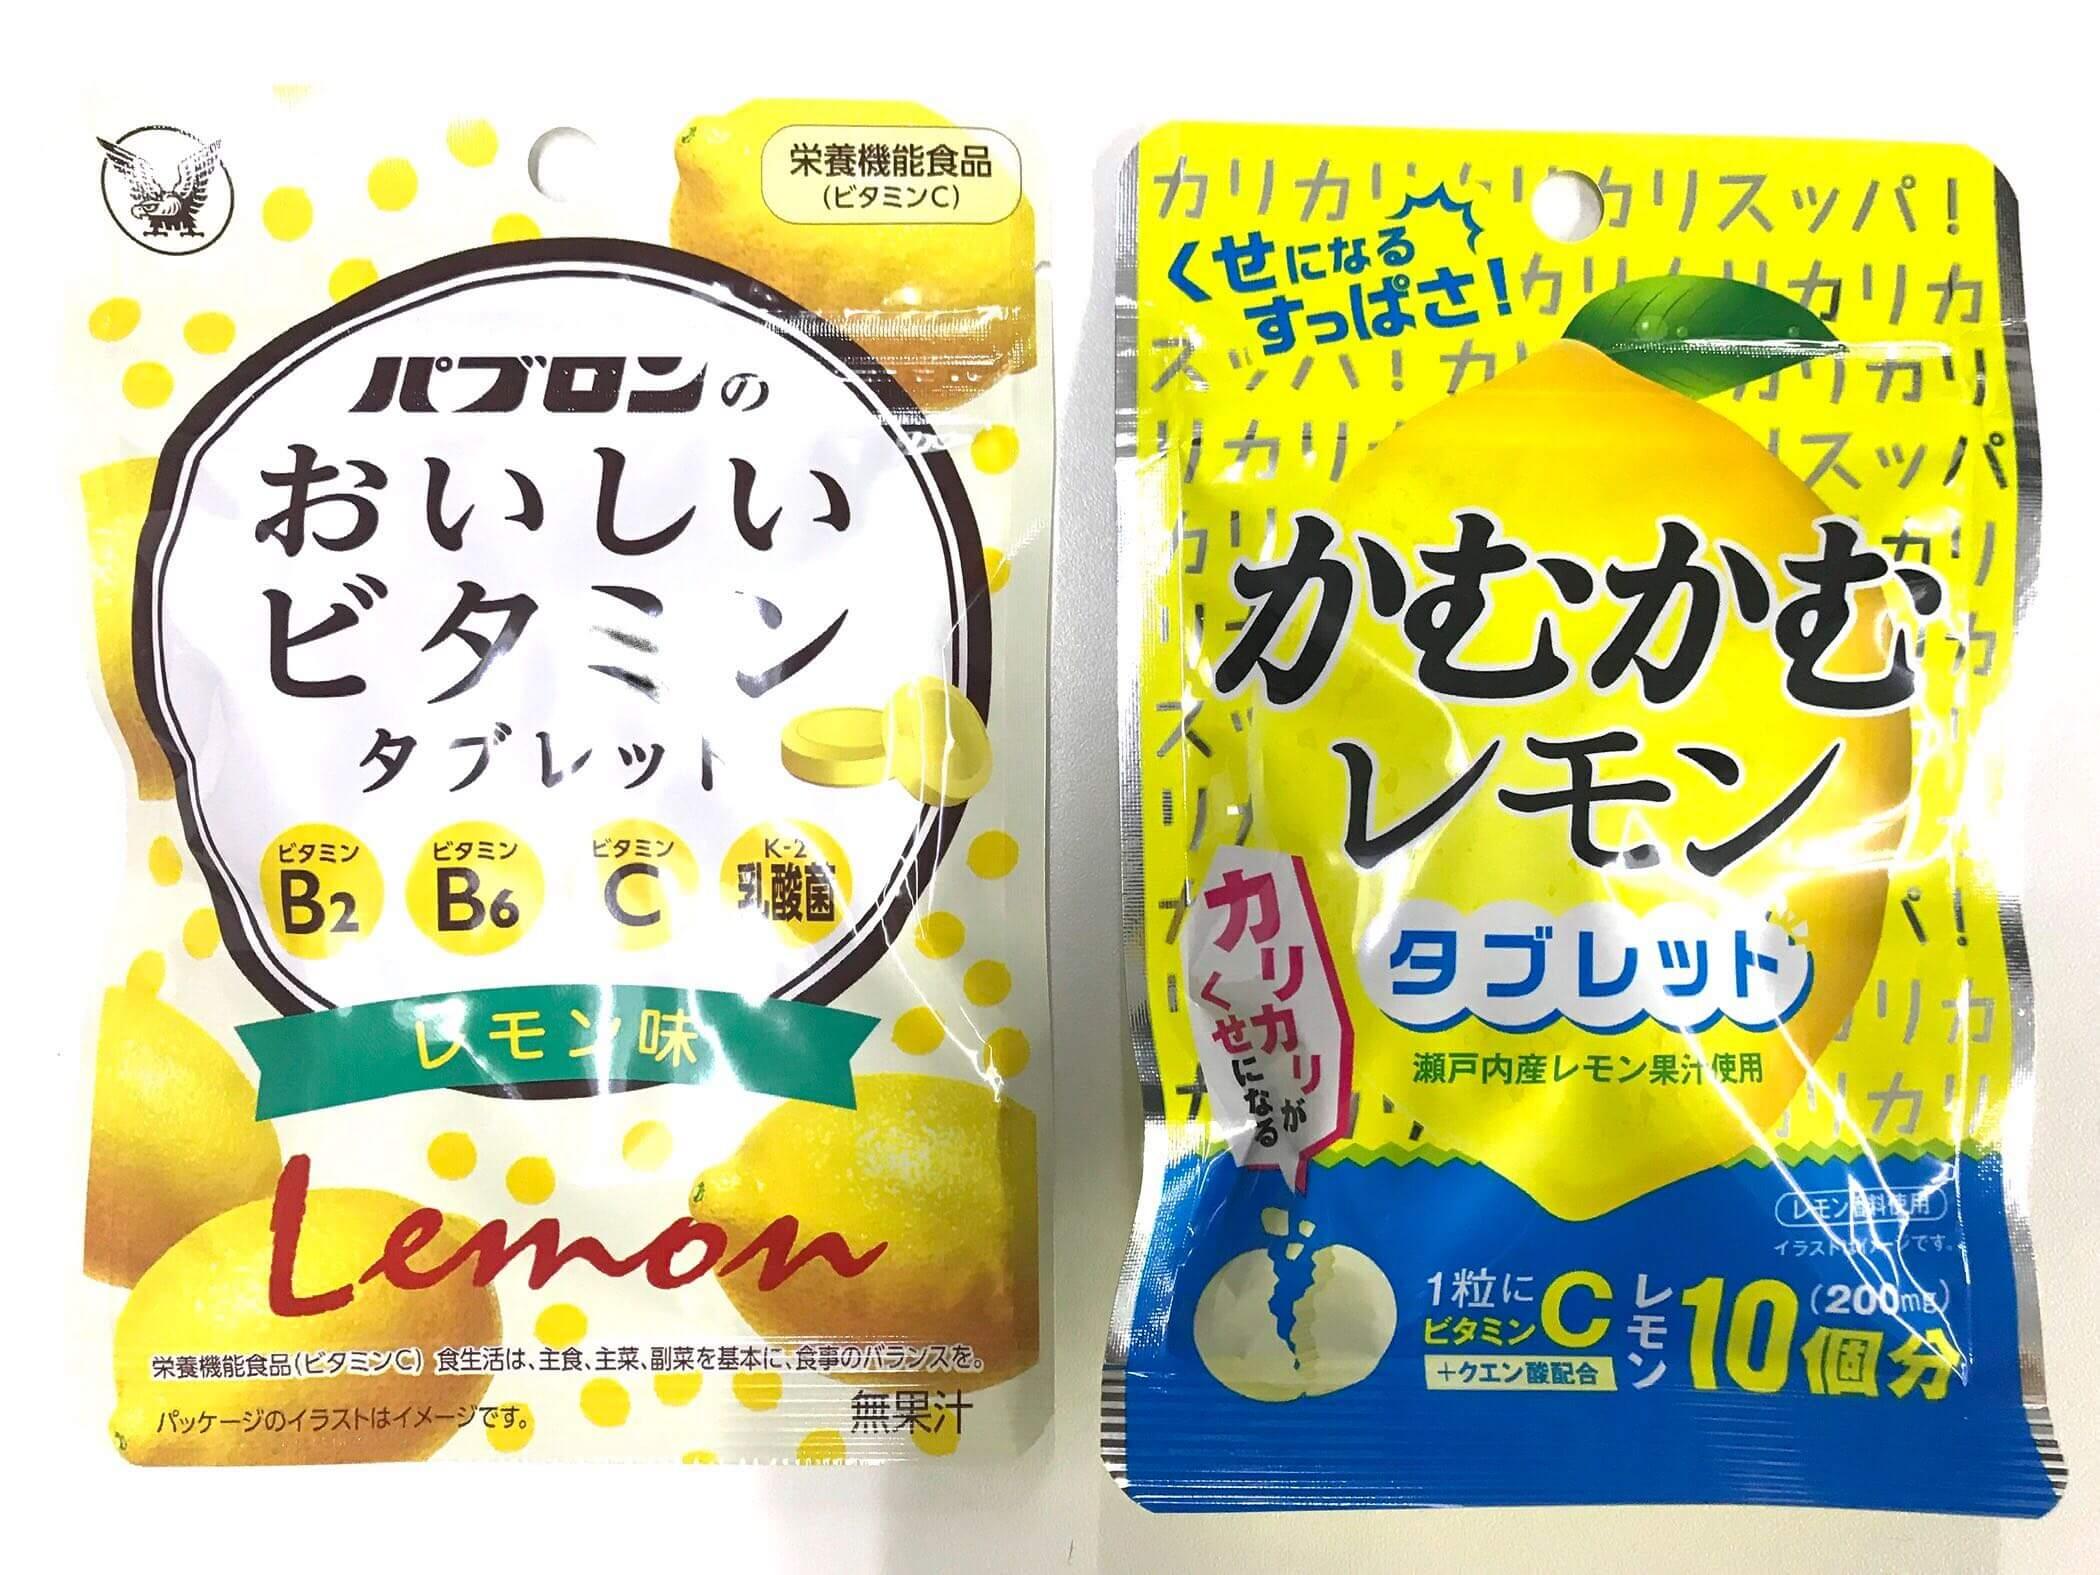 大正製薬 パブロンのおいしいビタミンタブレットと、かむかむレモンタブレット